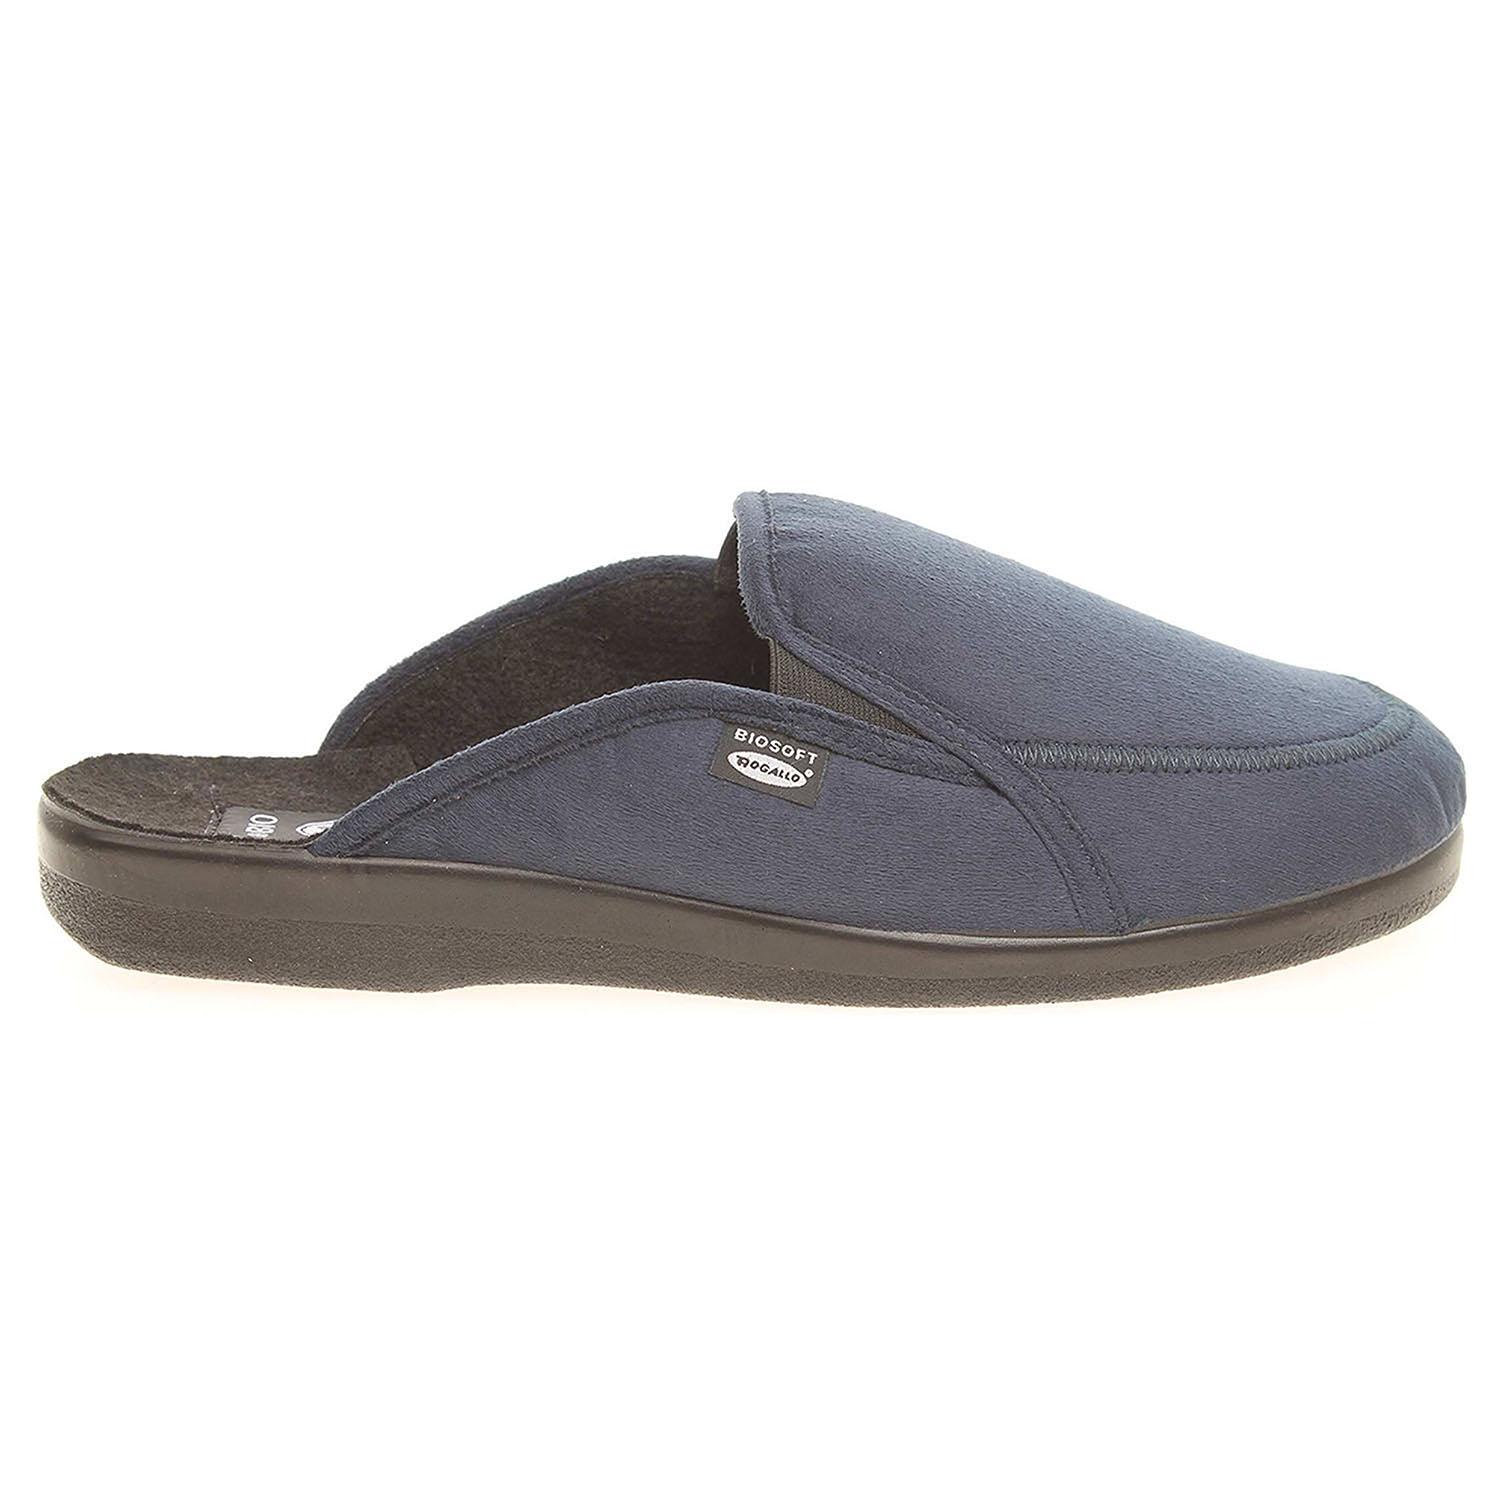 Ecco Rogallo pánské domácí pantofle 4120-010 modré 24800260